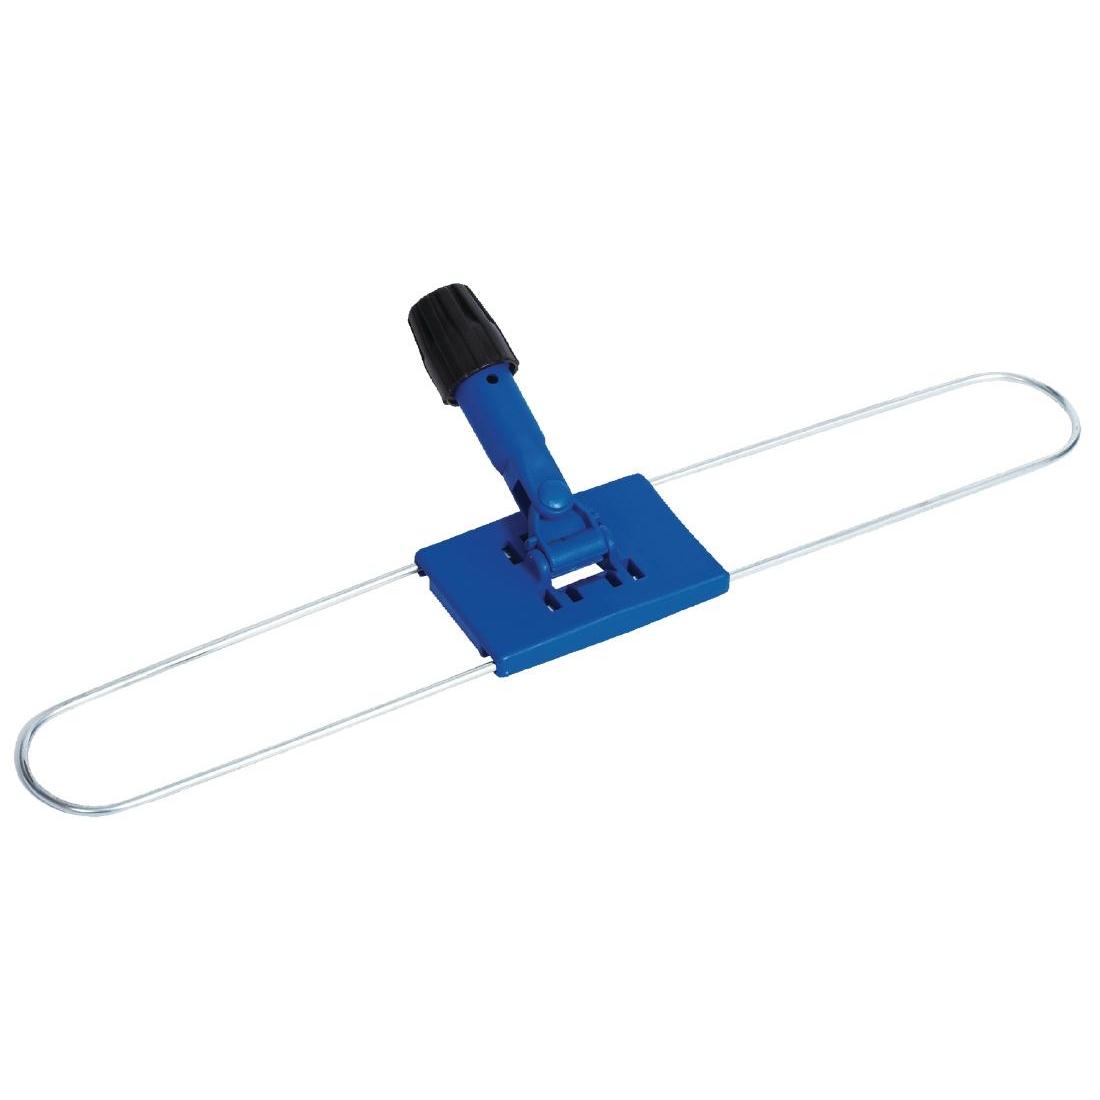 Support mop pour balai mécanique Jantex 400mm